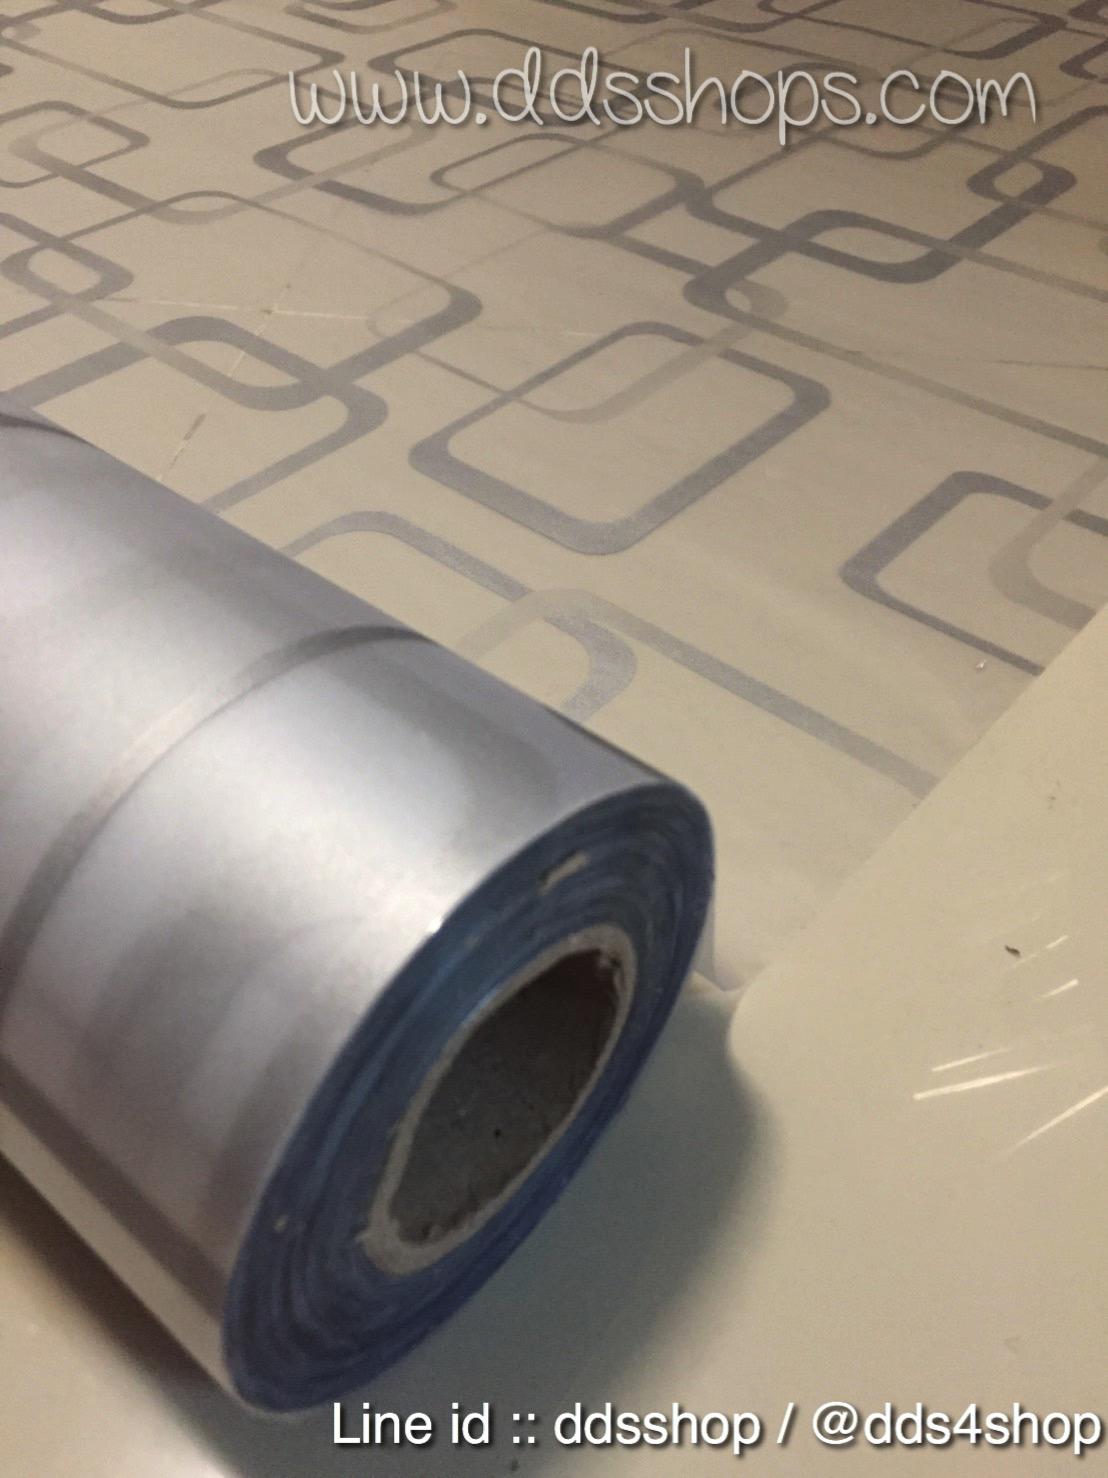 """สติ๊กเกอร์ติดกระจกแบบมีกาวในตัว """"Modern Gray Graphic"""" ความสูง 90 cm ตัดแบ่งขายเมตรละ 189 บาท (ขั้นต่ำ 3m)"""